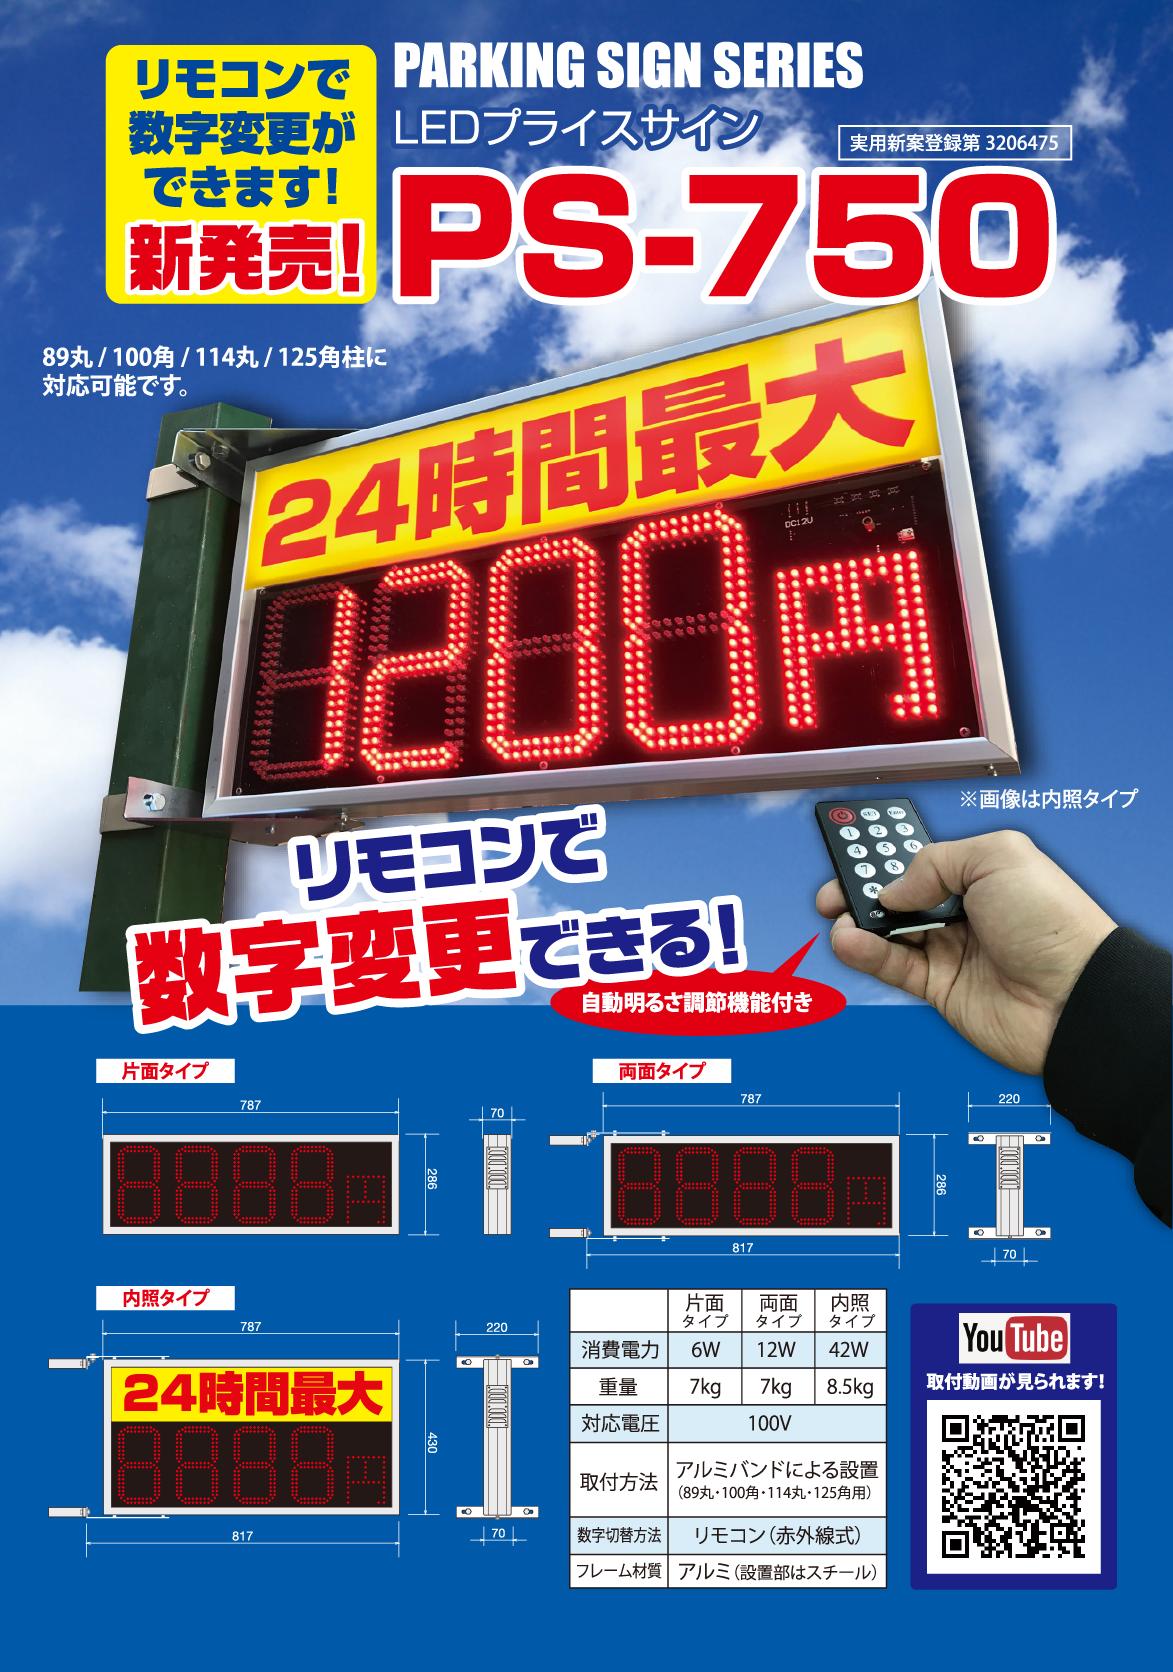 PS-750 リモコンで料金表示の変更が可能なLEDプライス看板のご紹介画像です。